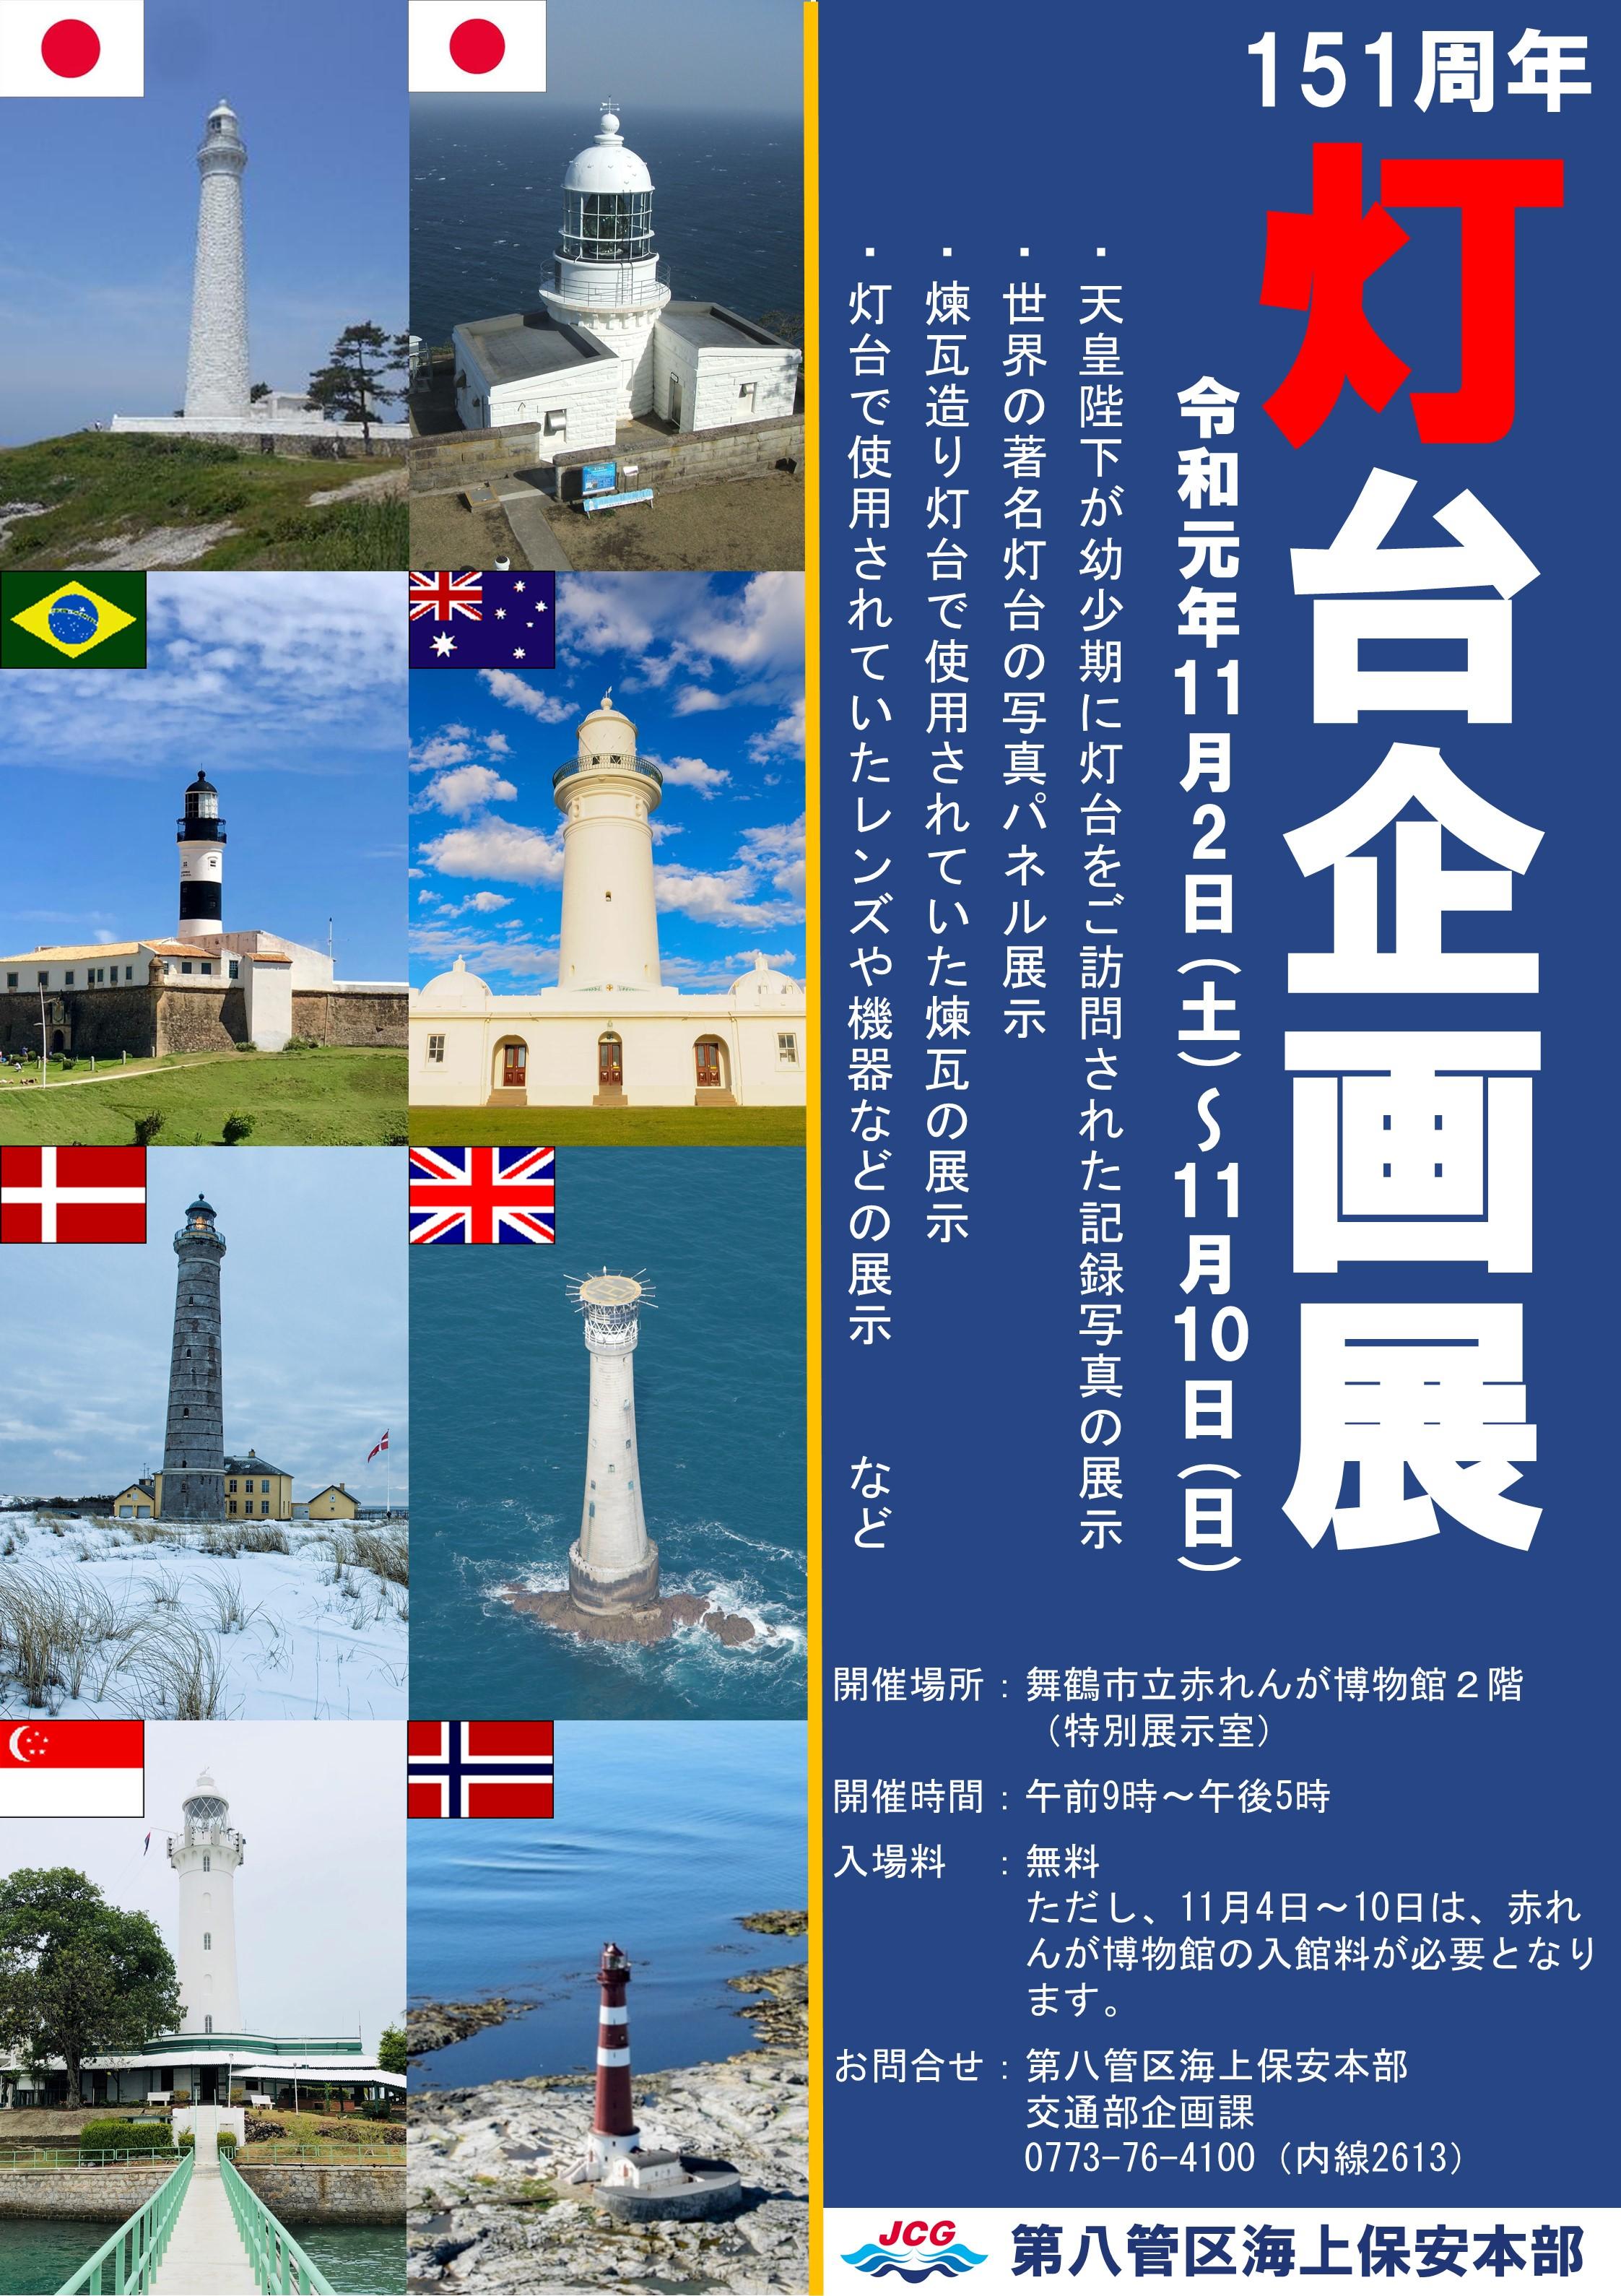 灯台151周年記念企画展(京都府舞鶴市)